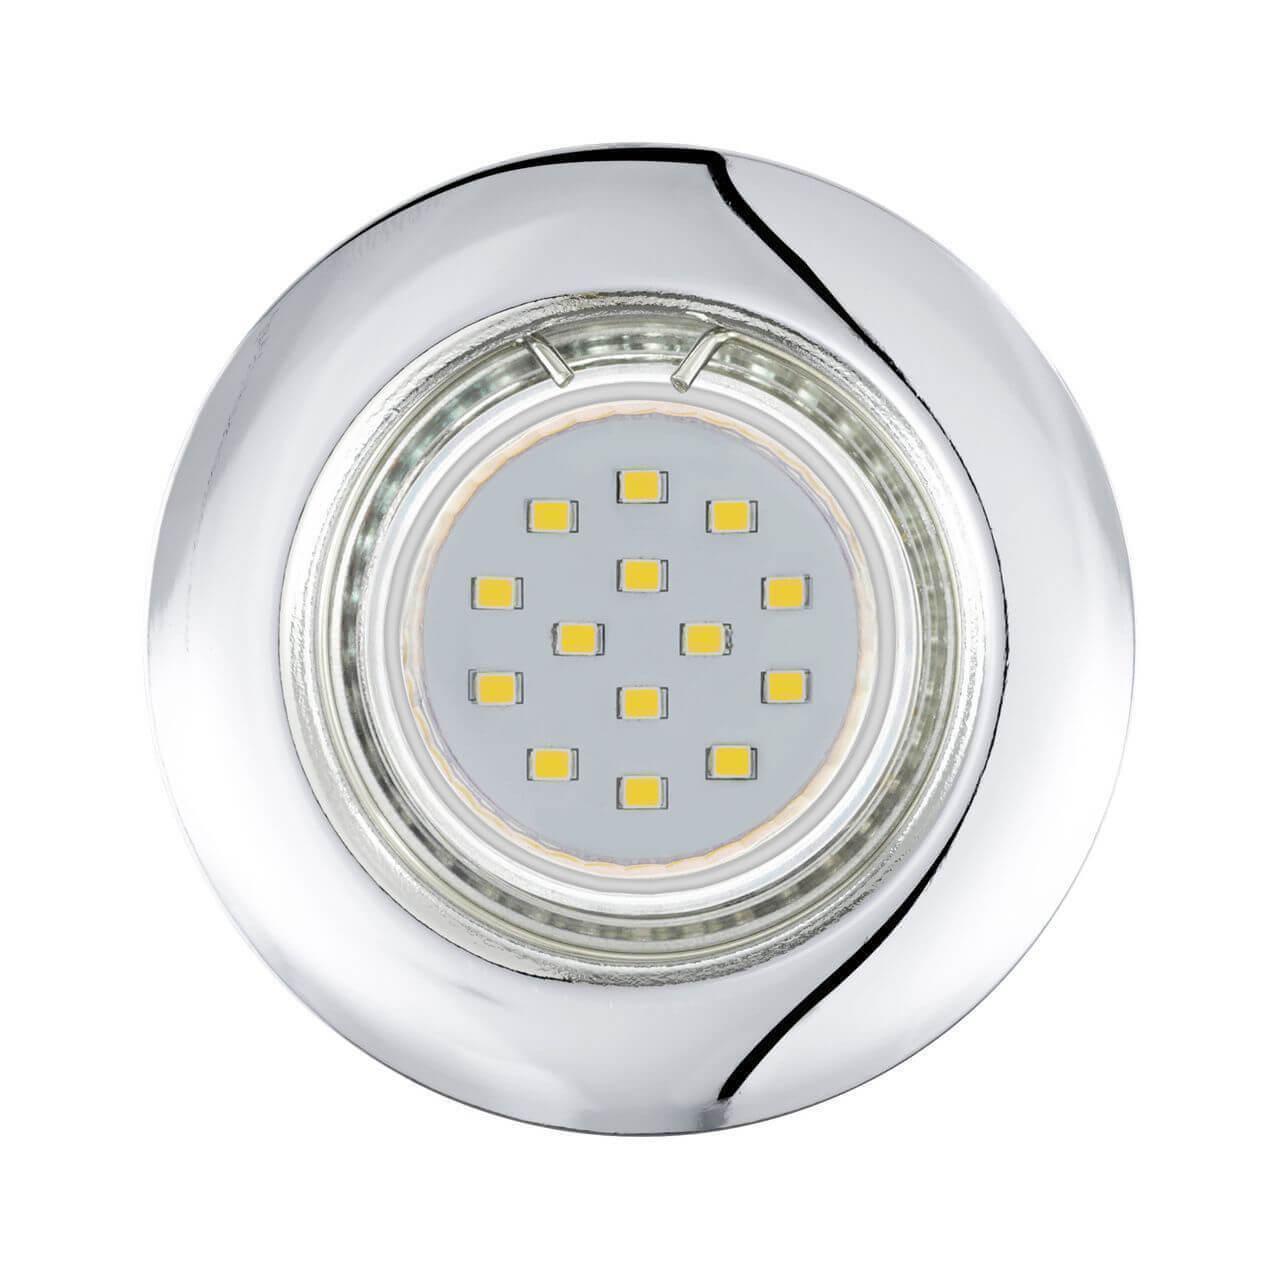 Светильник Eglo 94236 Peneto встраиваемый светодиодный светильник eglo peneto 1 95899